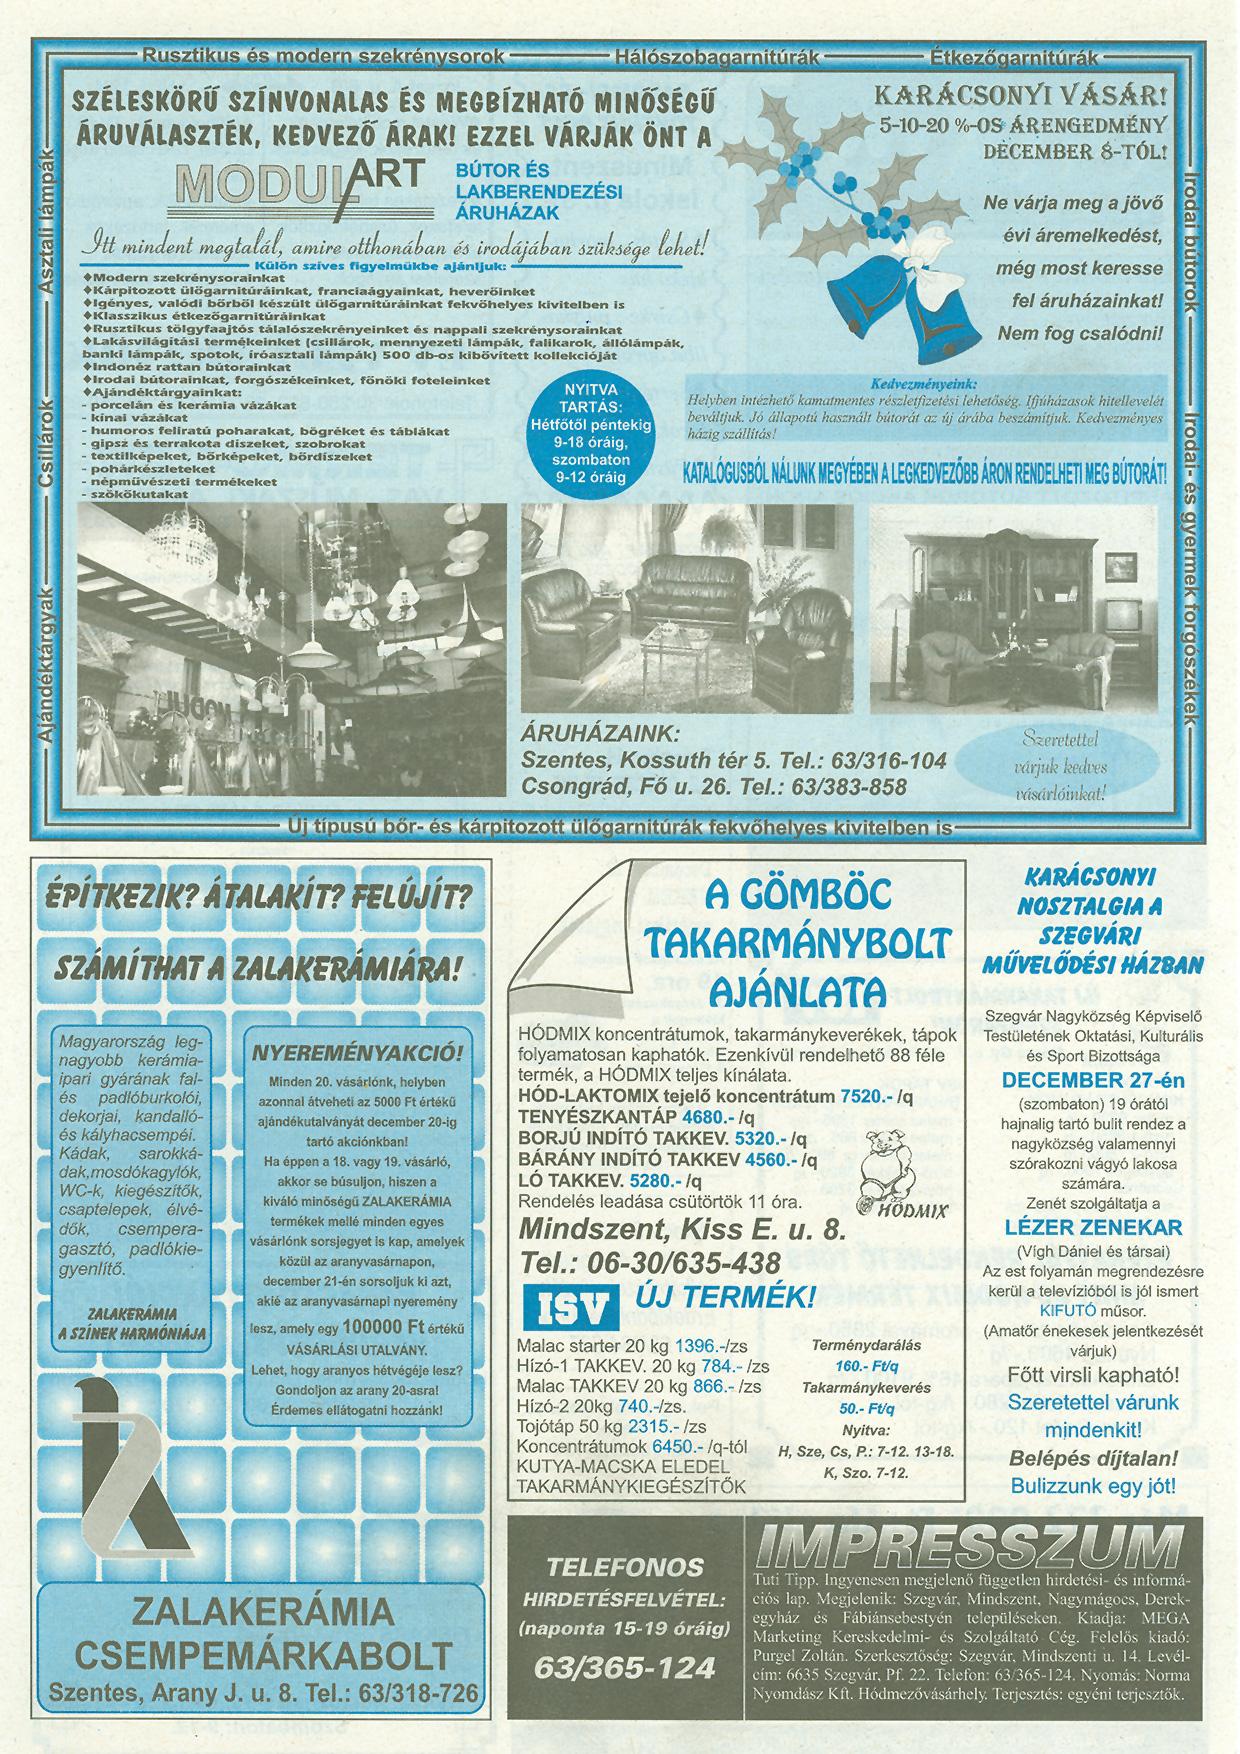 050 Tuti Tipp reklámújság - 19971210-076. lapszám - 2.oldal - III. évfolyam.jpg